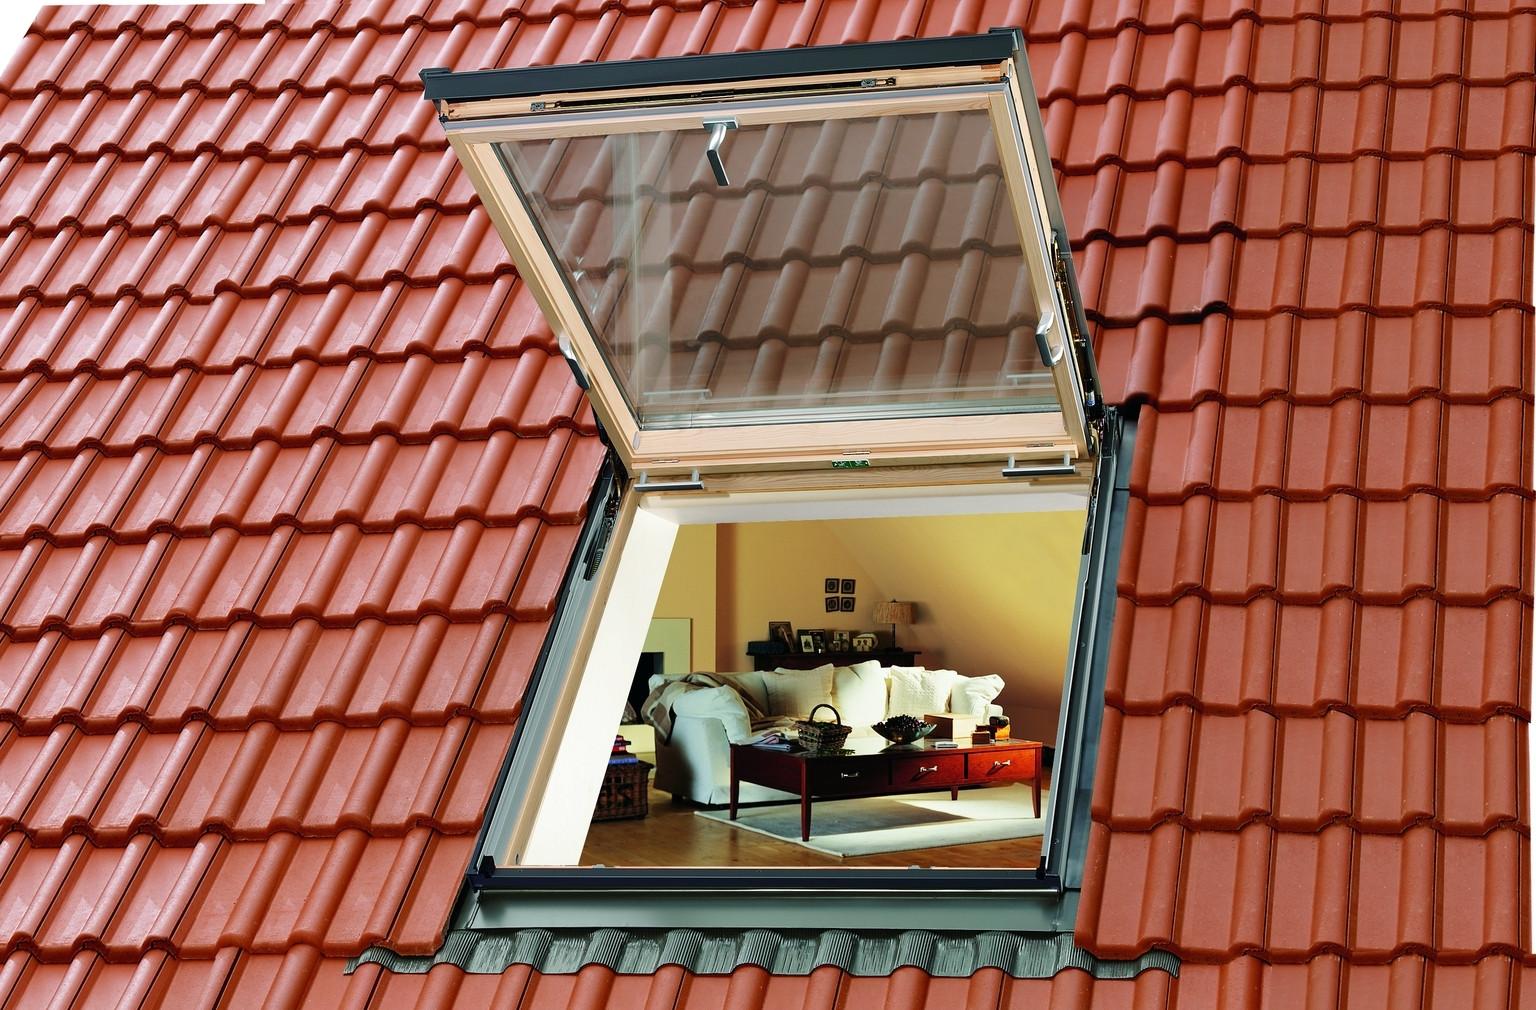 Full Size of Velux Fenster Preise Dachfenster Mit Einbau Hornbach 2018 2019 Angebote Einbauen Preis Preisliste Velugtl 3066 Energie Plus Ausstiegfenster Online Kaufen Fenster Velux Fenster Preise